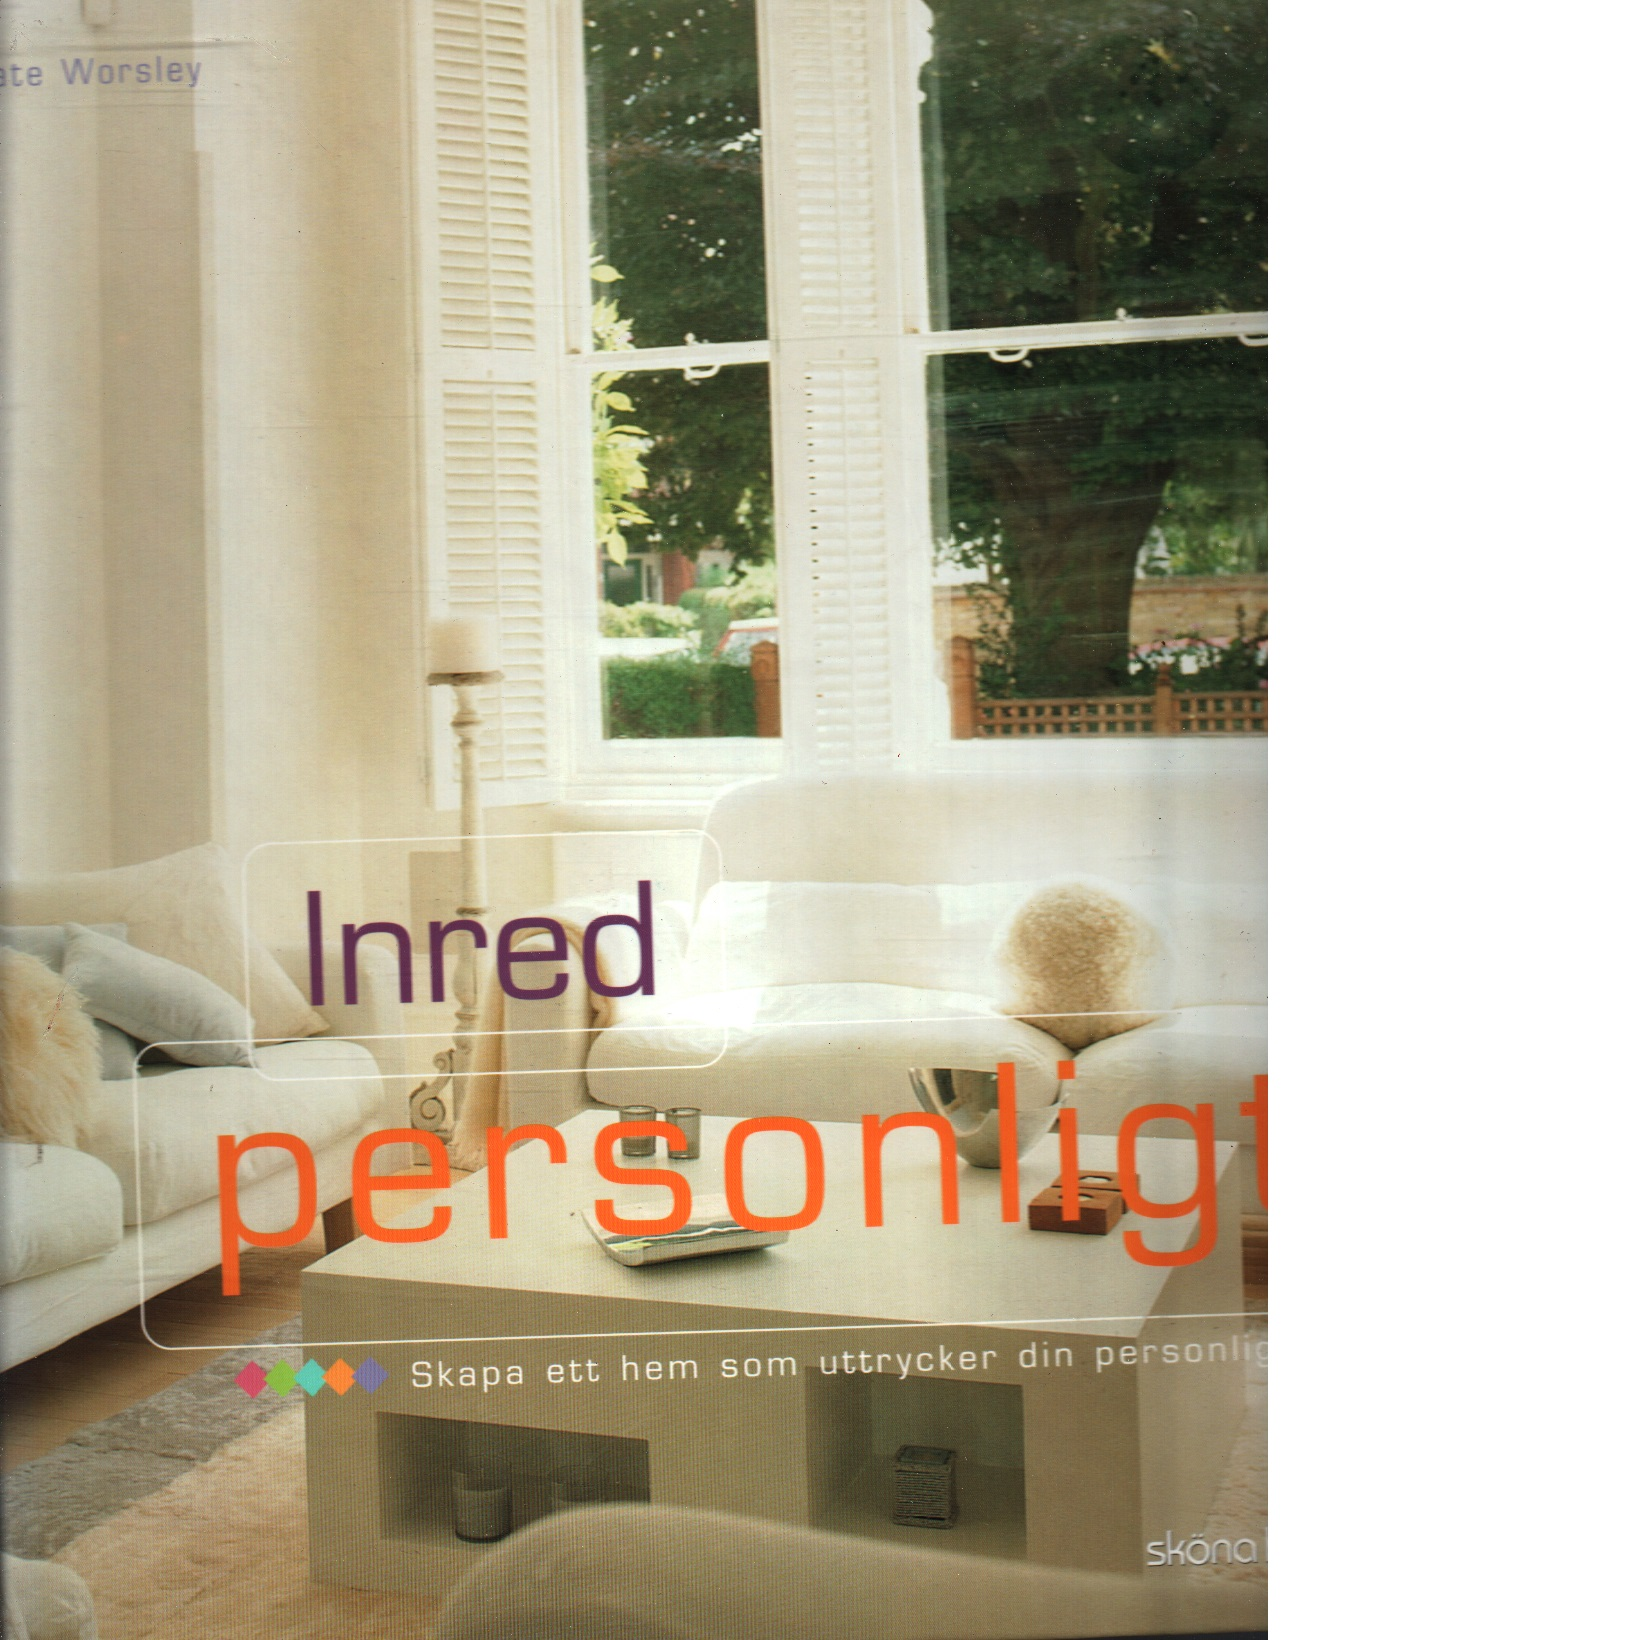 Inred personligt : skapa ett hem som uttrycker din personlighet - Worsley, Kate